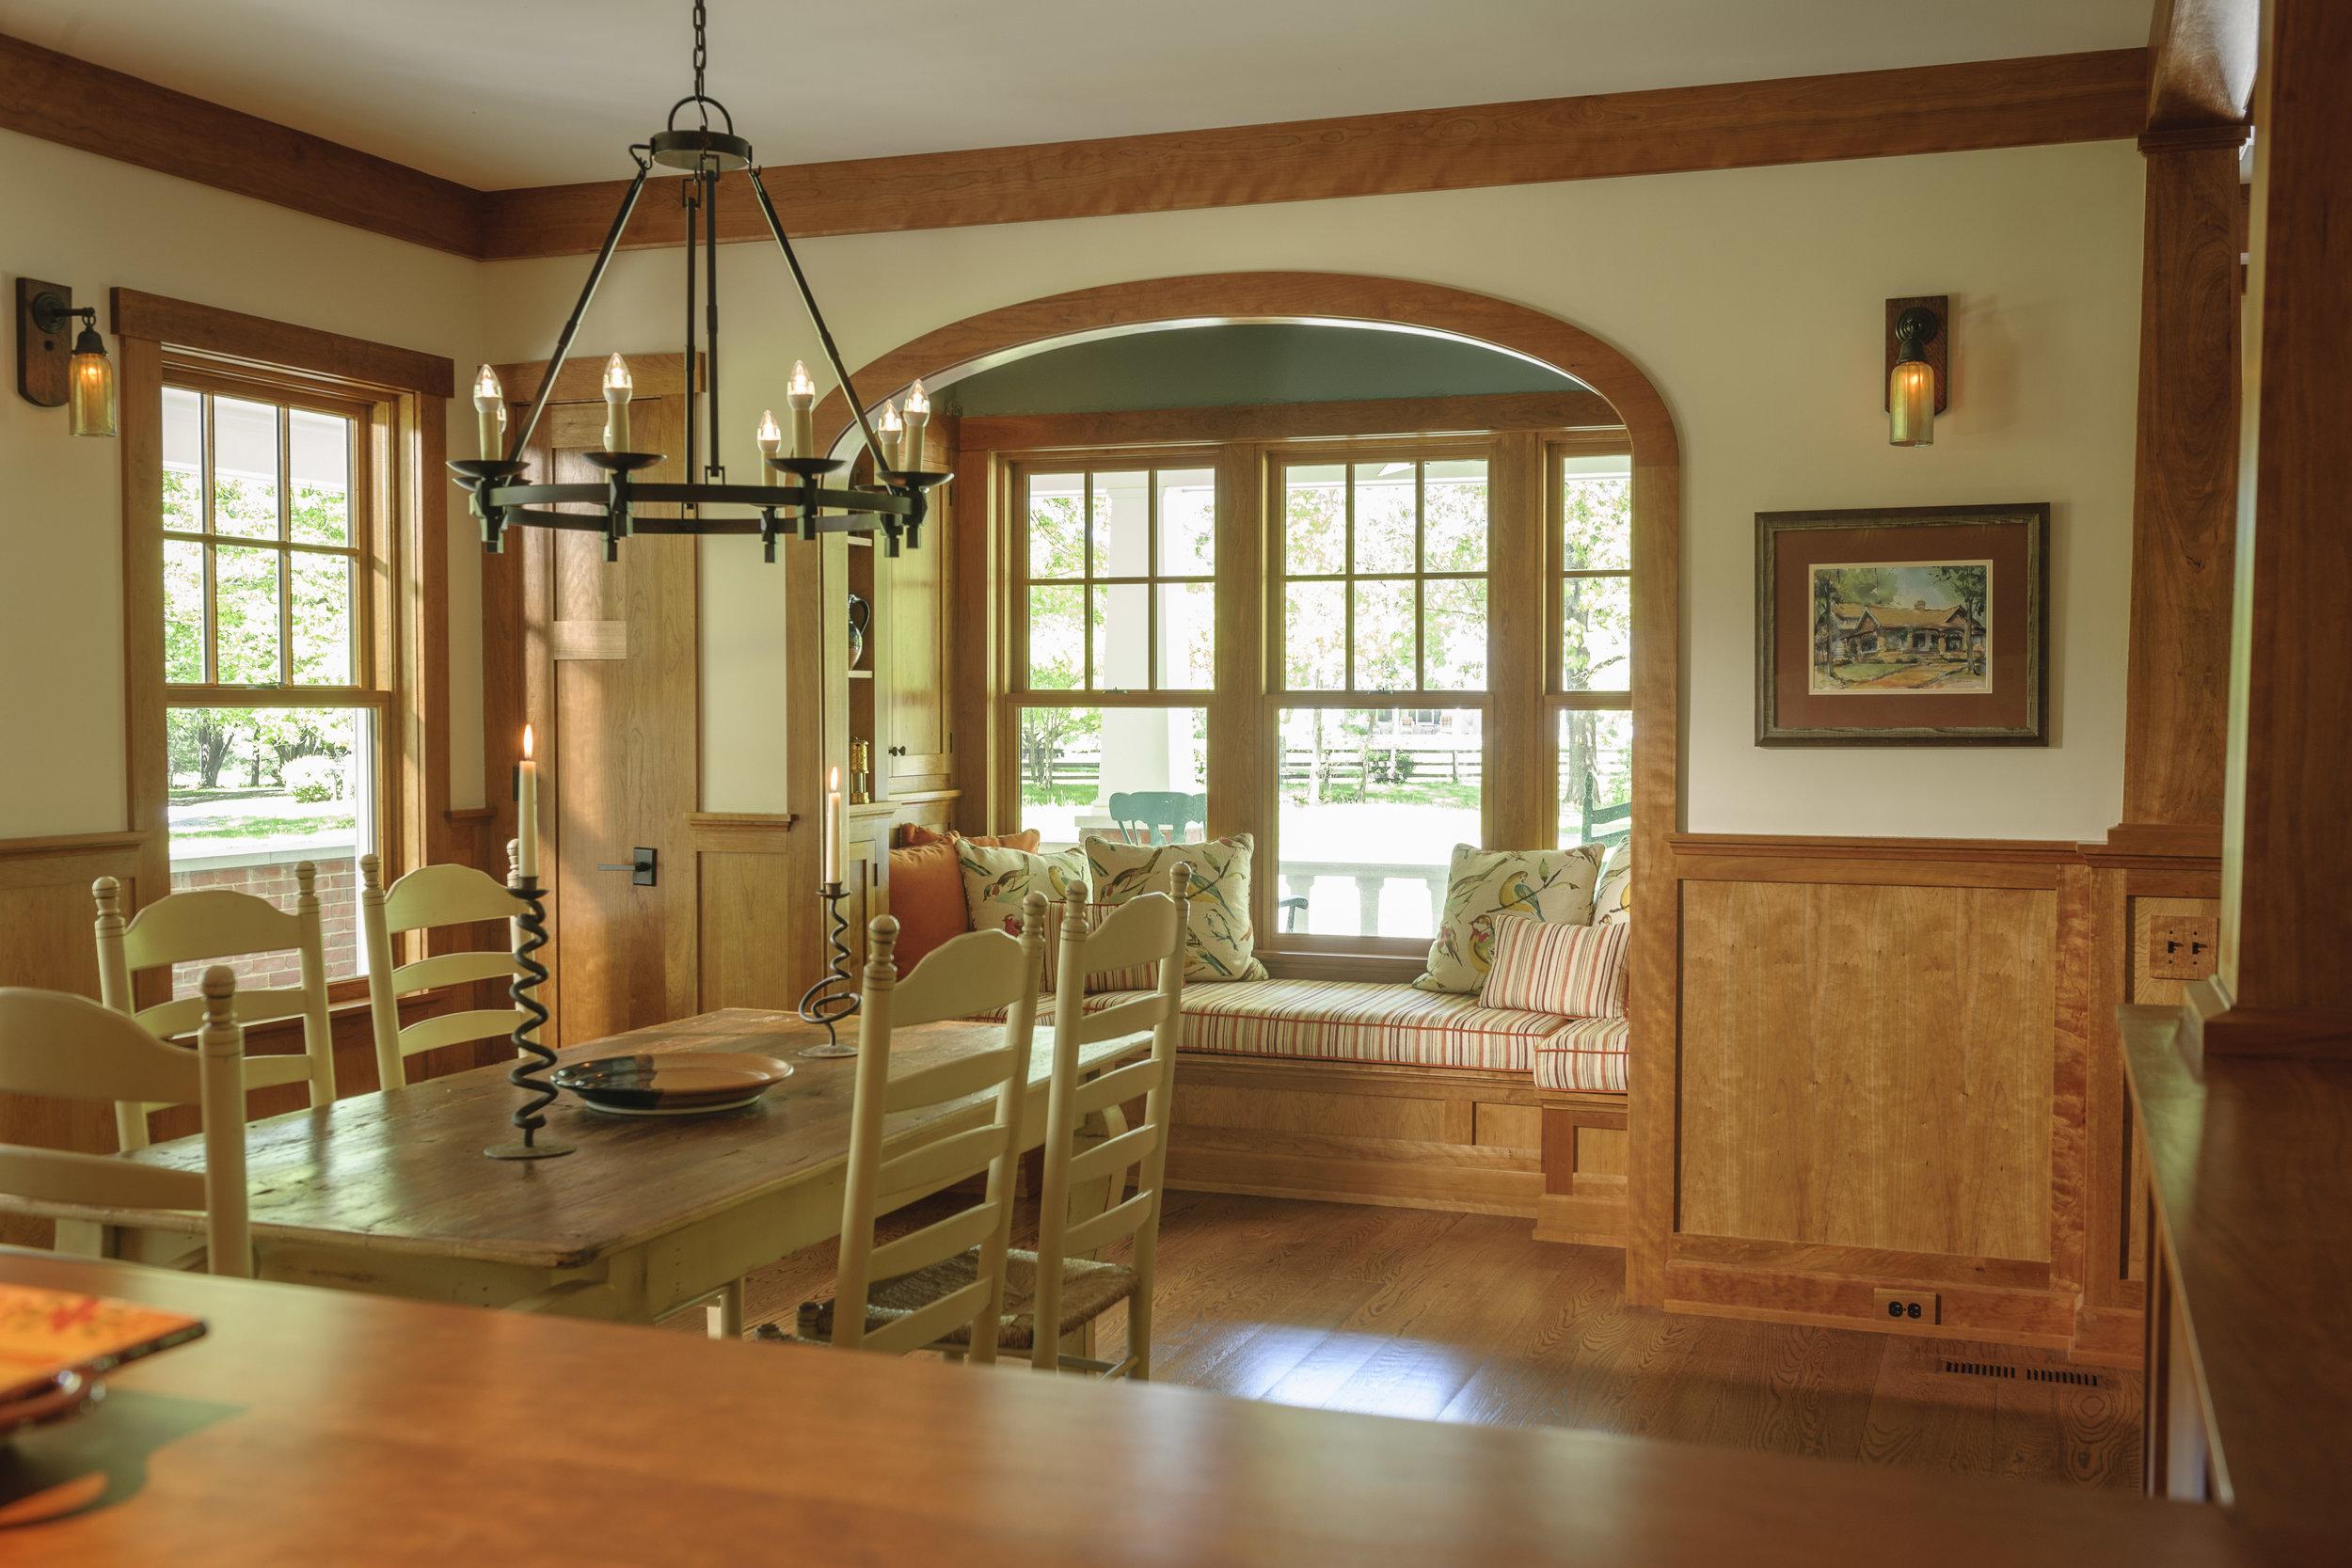 Clites_craftsmanbungalow_diningroom.jpg